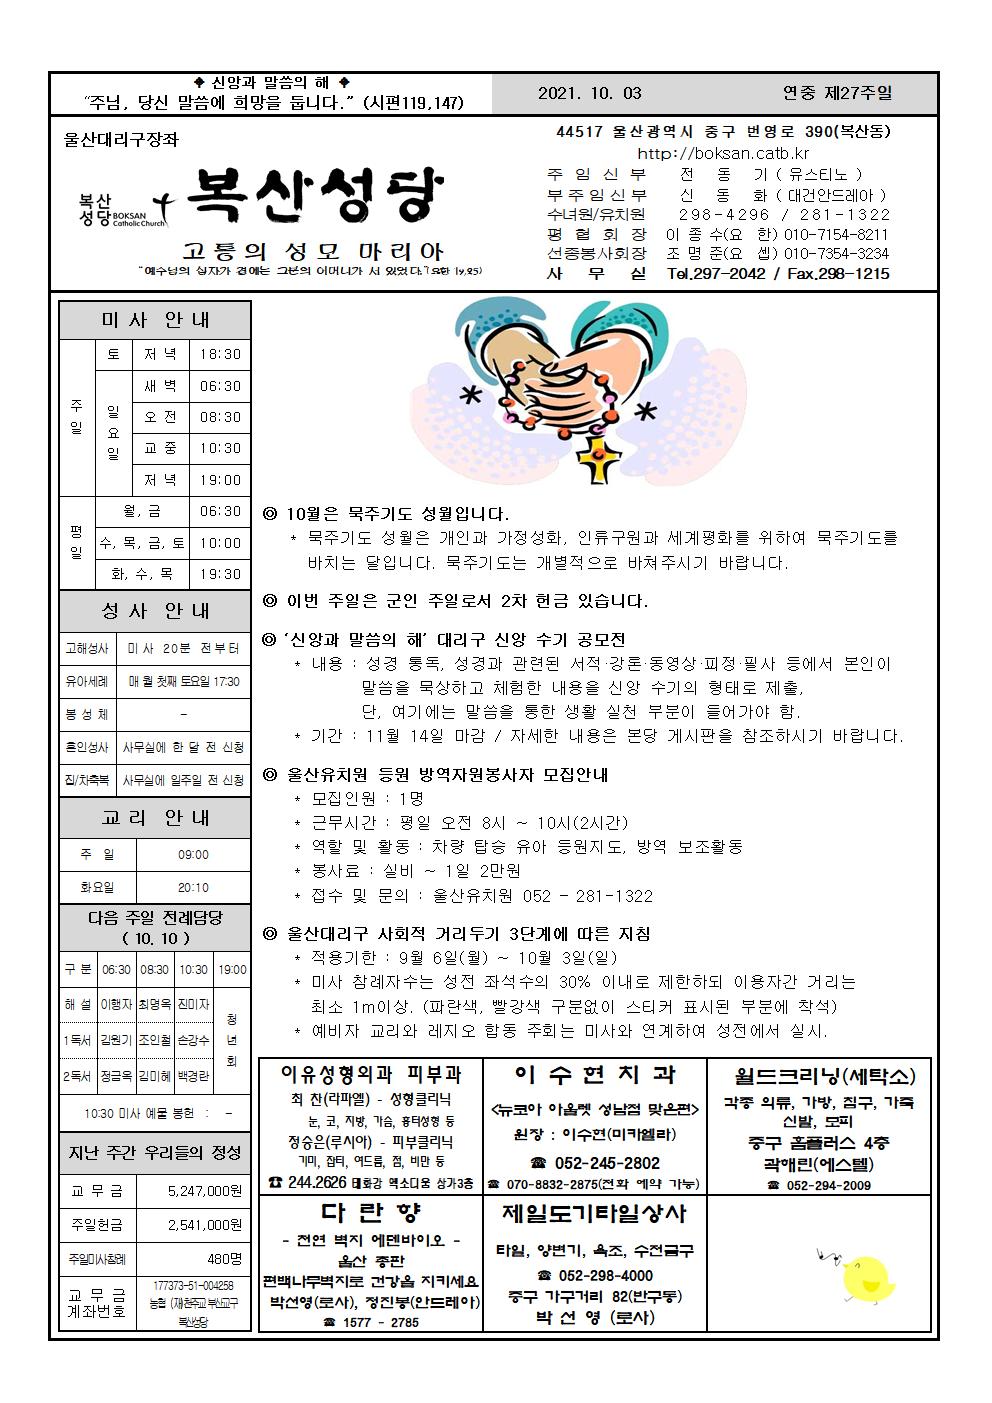 복산20211003001.png